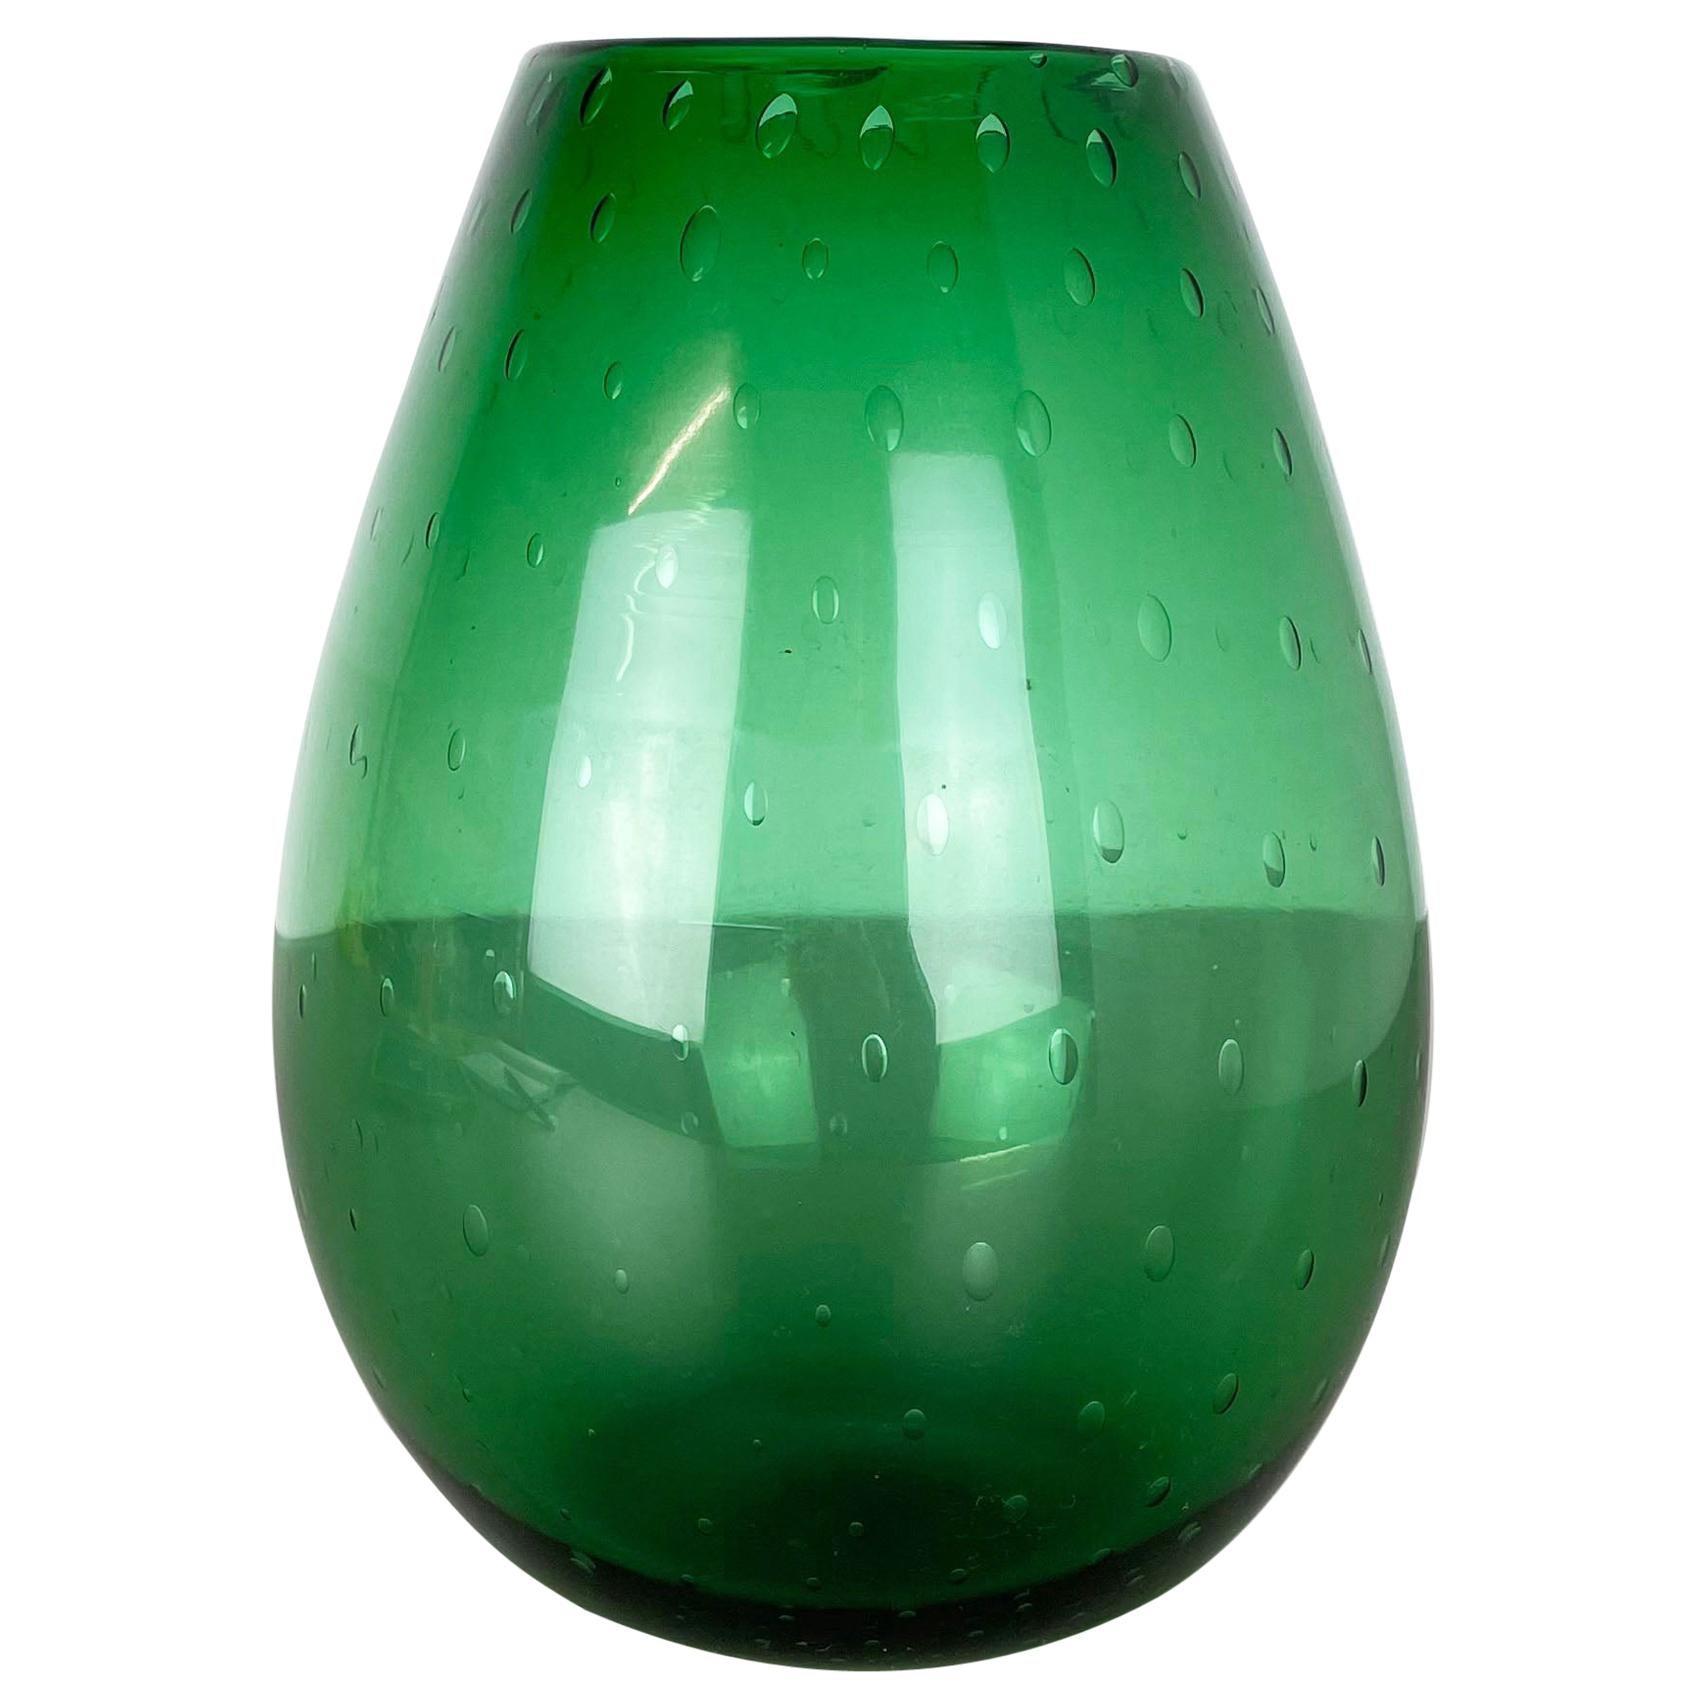 Unique Green Bubble Sommerso Bullicante Murano Glass Vase, Italy, 1970s